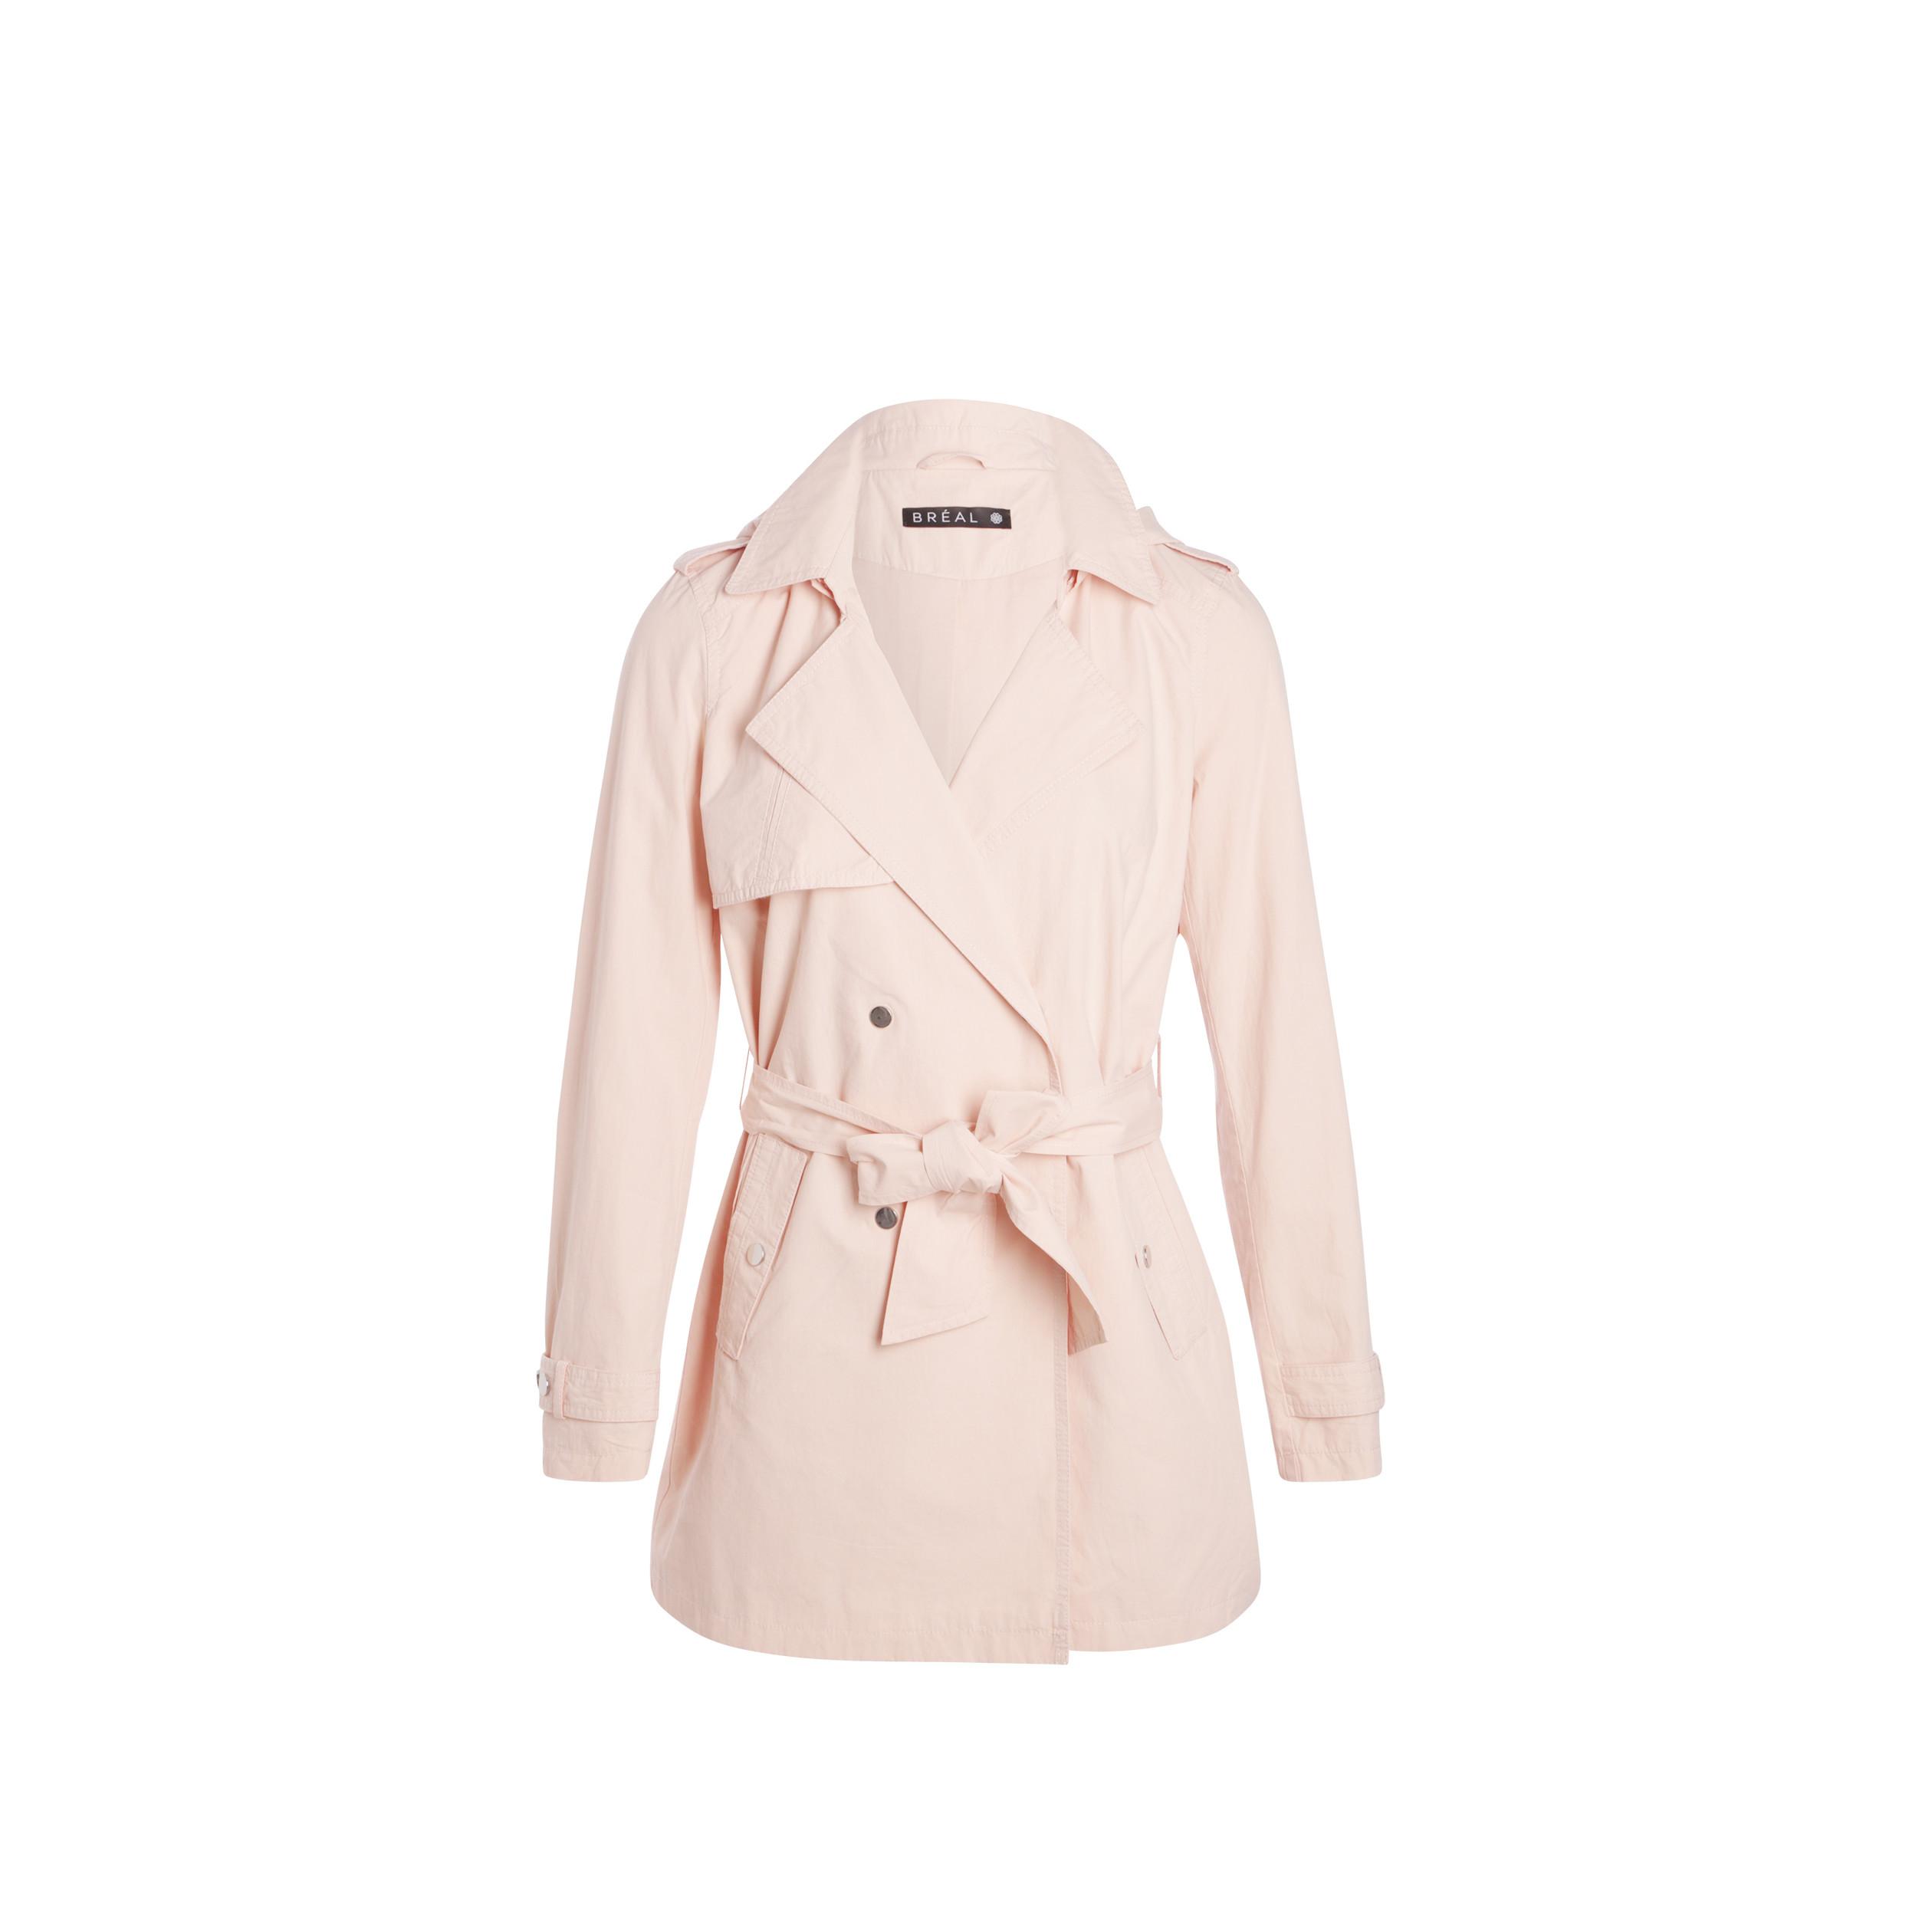 9468887a47 Trench droit coton à capuche rose clair femme | Bréal